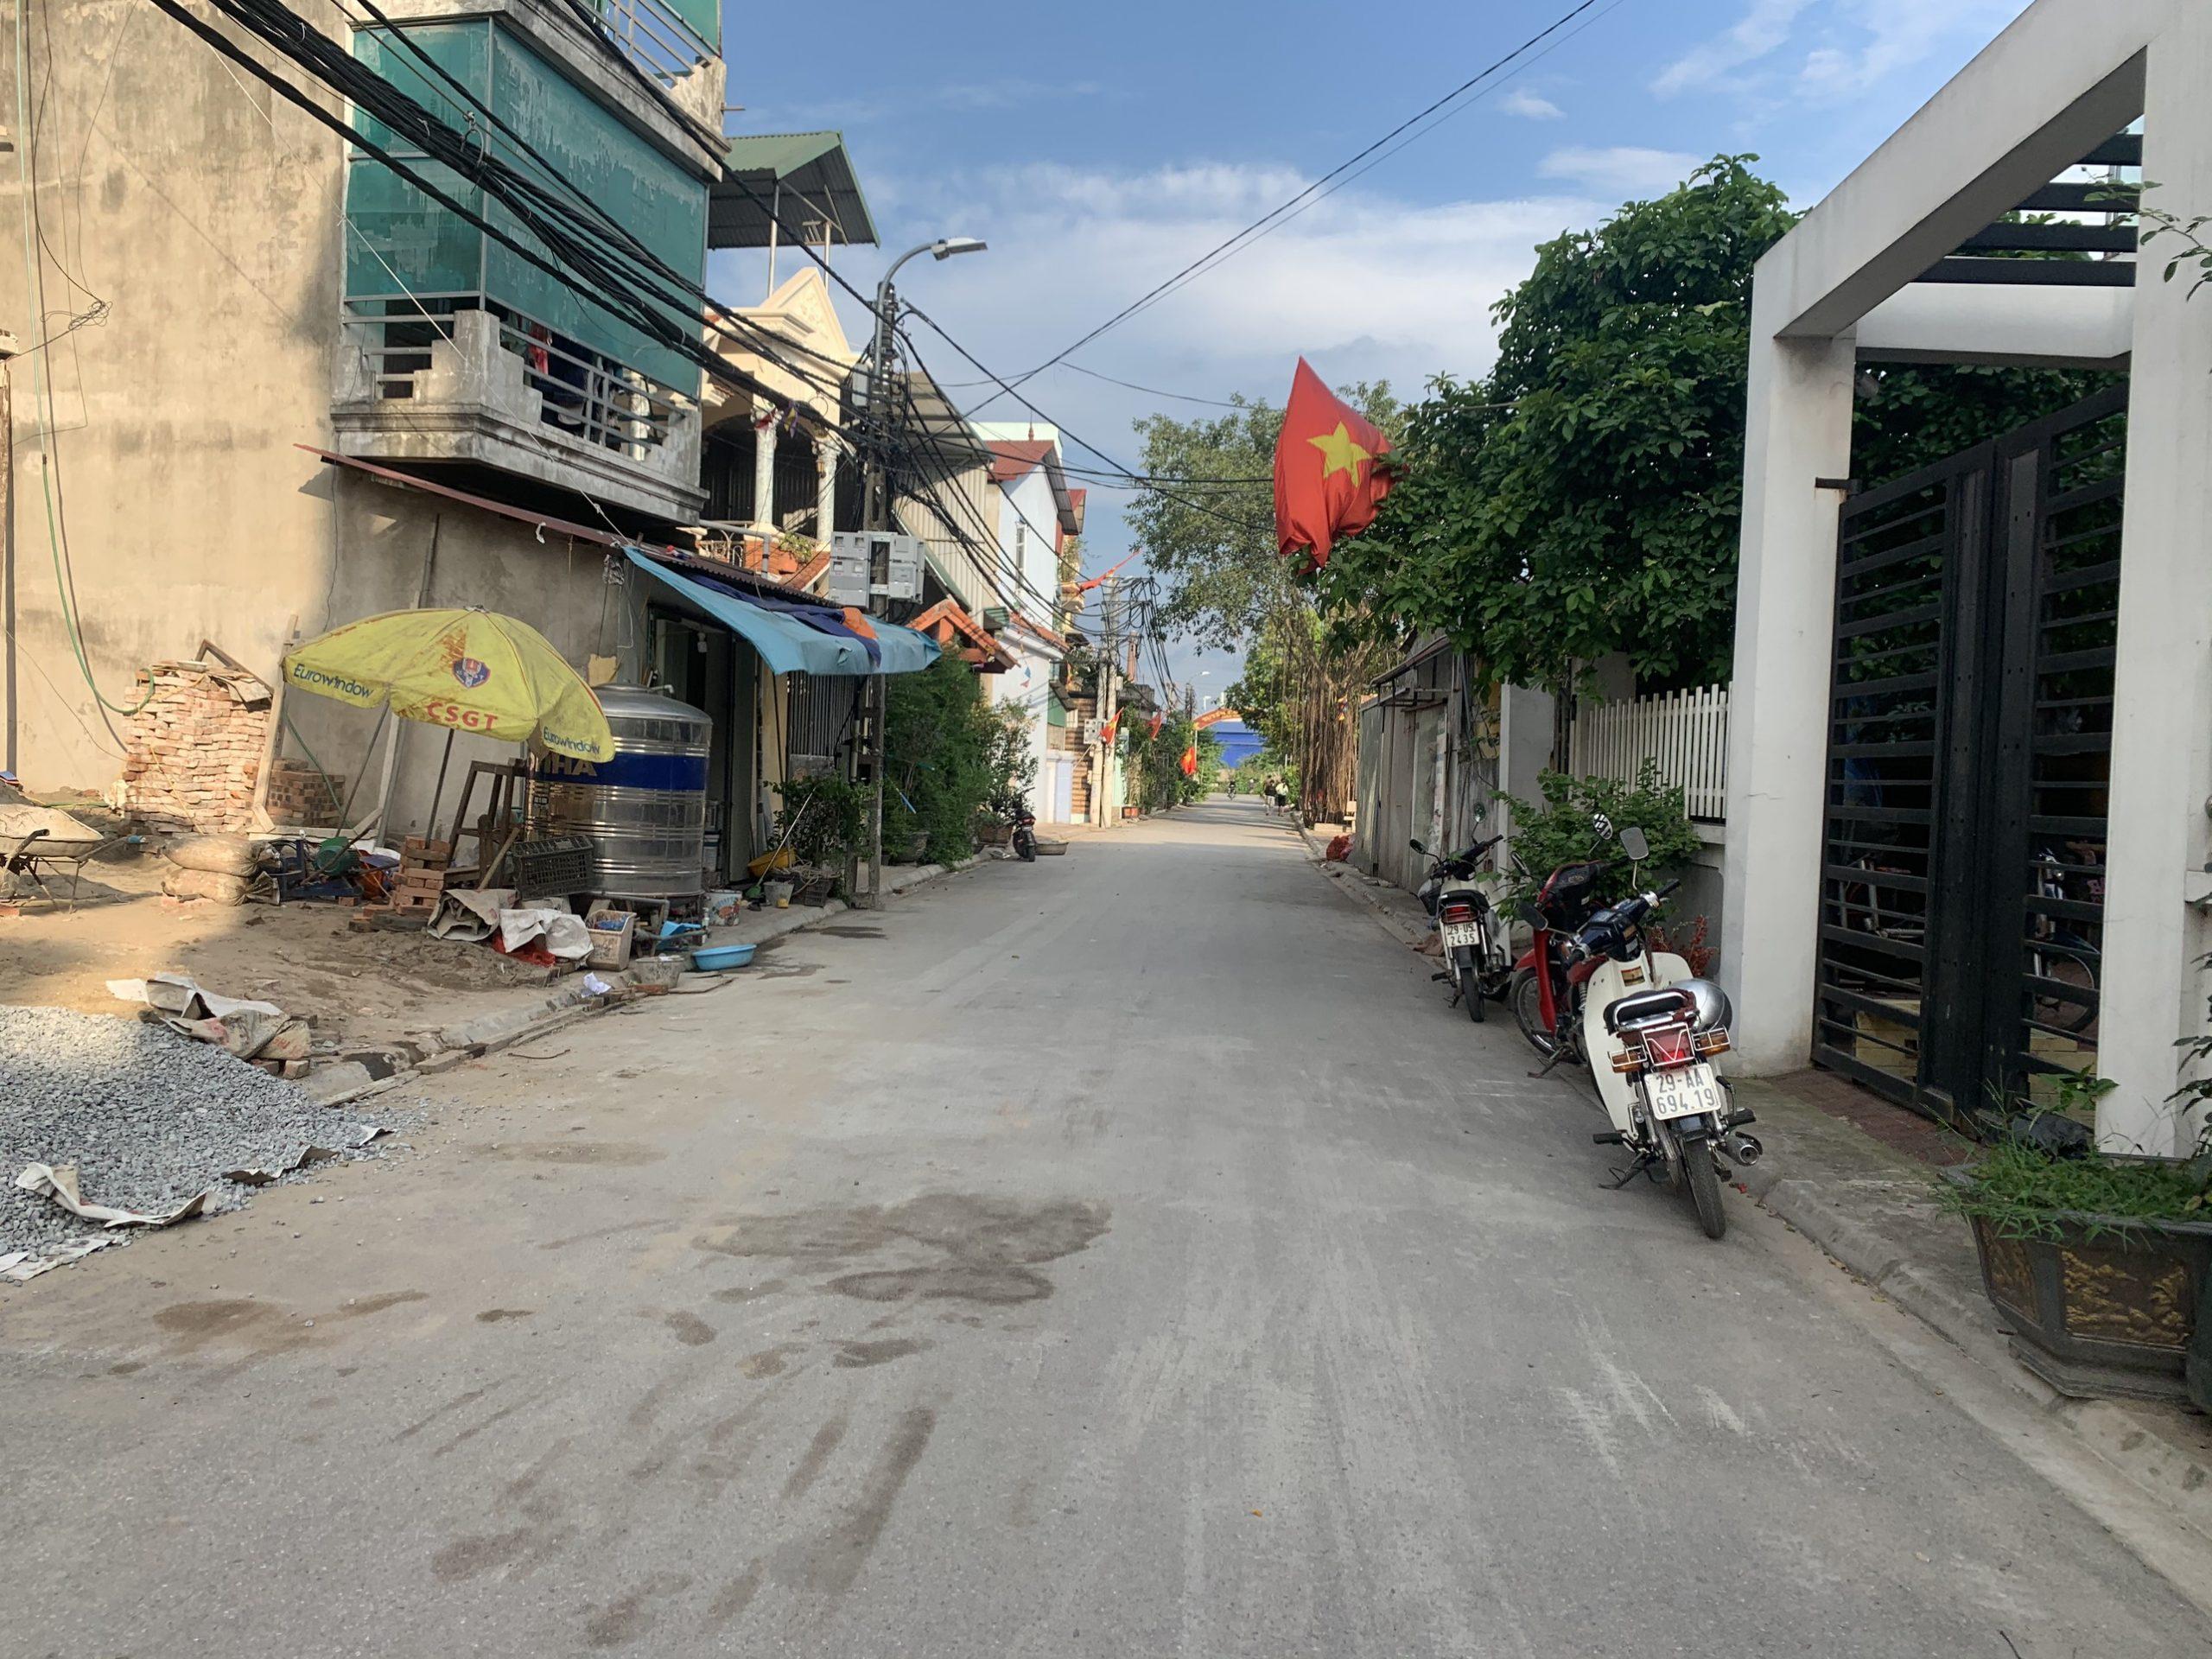 Cần bán nhanh lô đất 68m2 tại Thuận Quang, Dương Xá, Gia Lâm, Hà Nội.